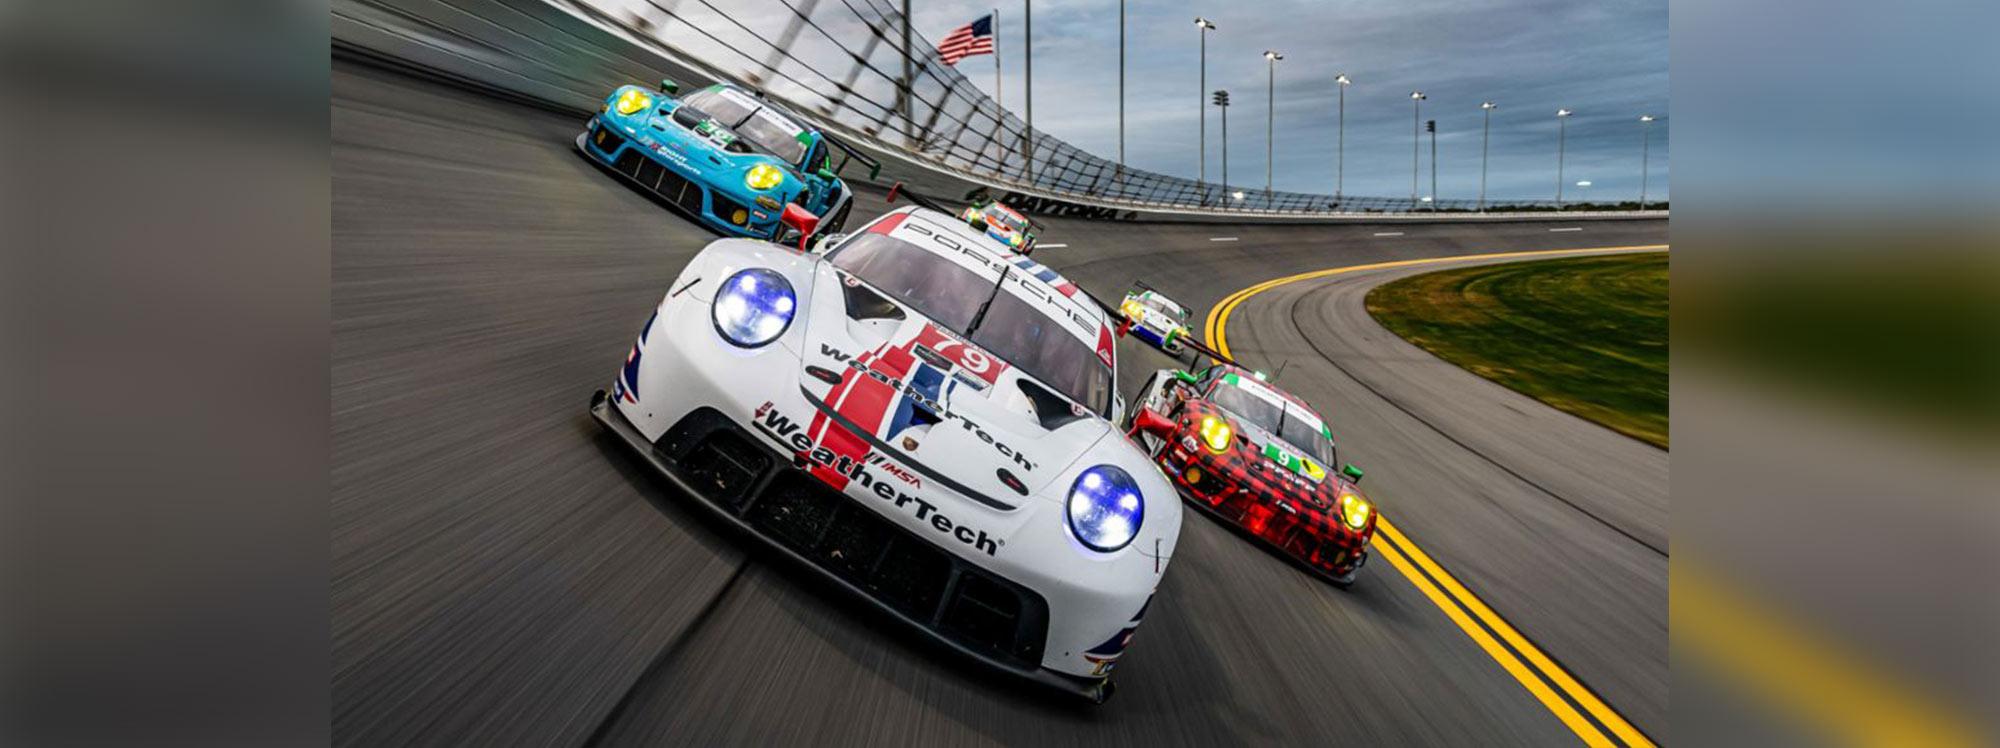 Wright Motorsports de Porsche empezó con pie derecho en las carrera de 12 horas de Sebring